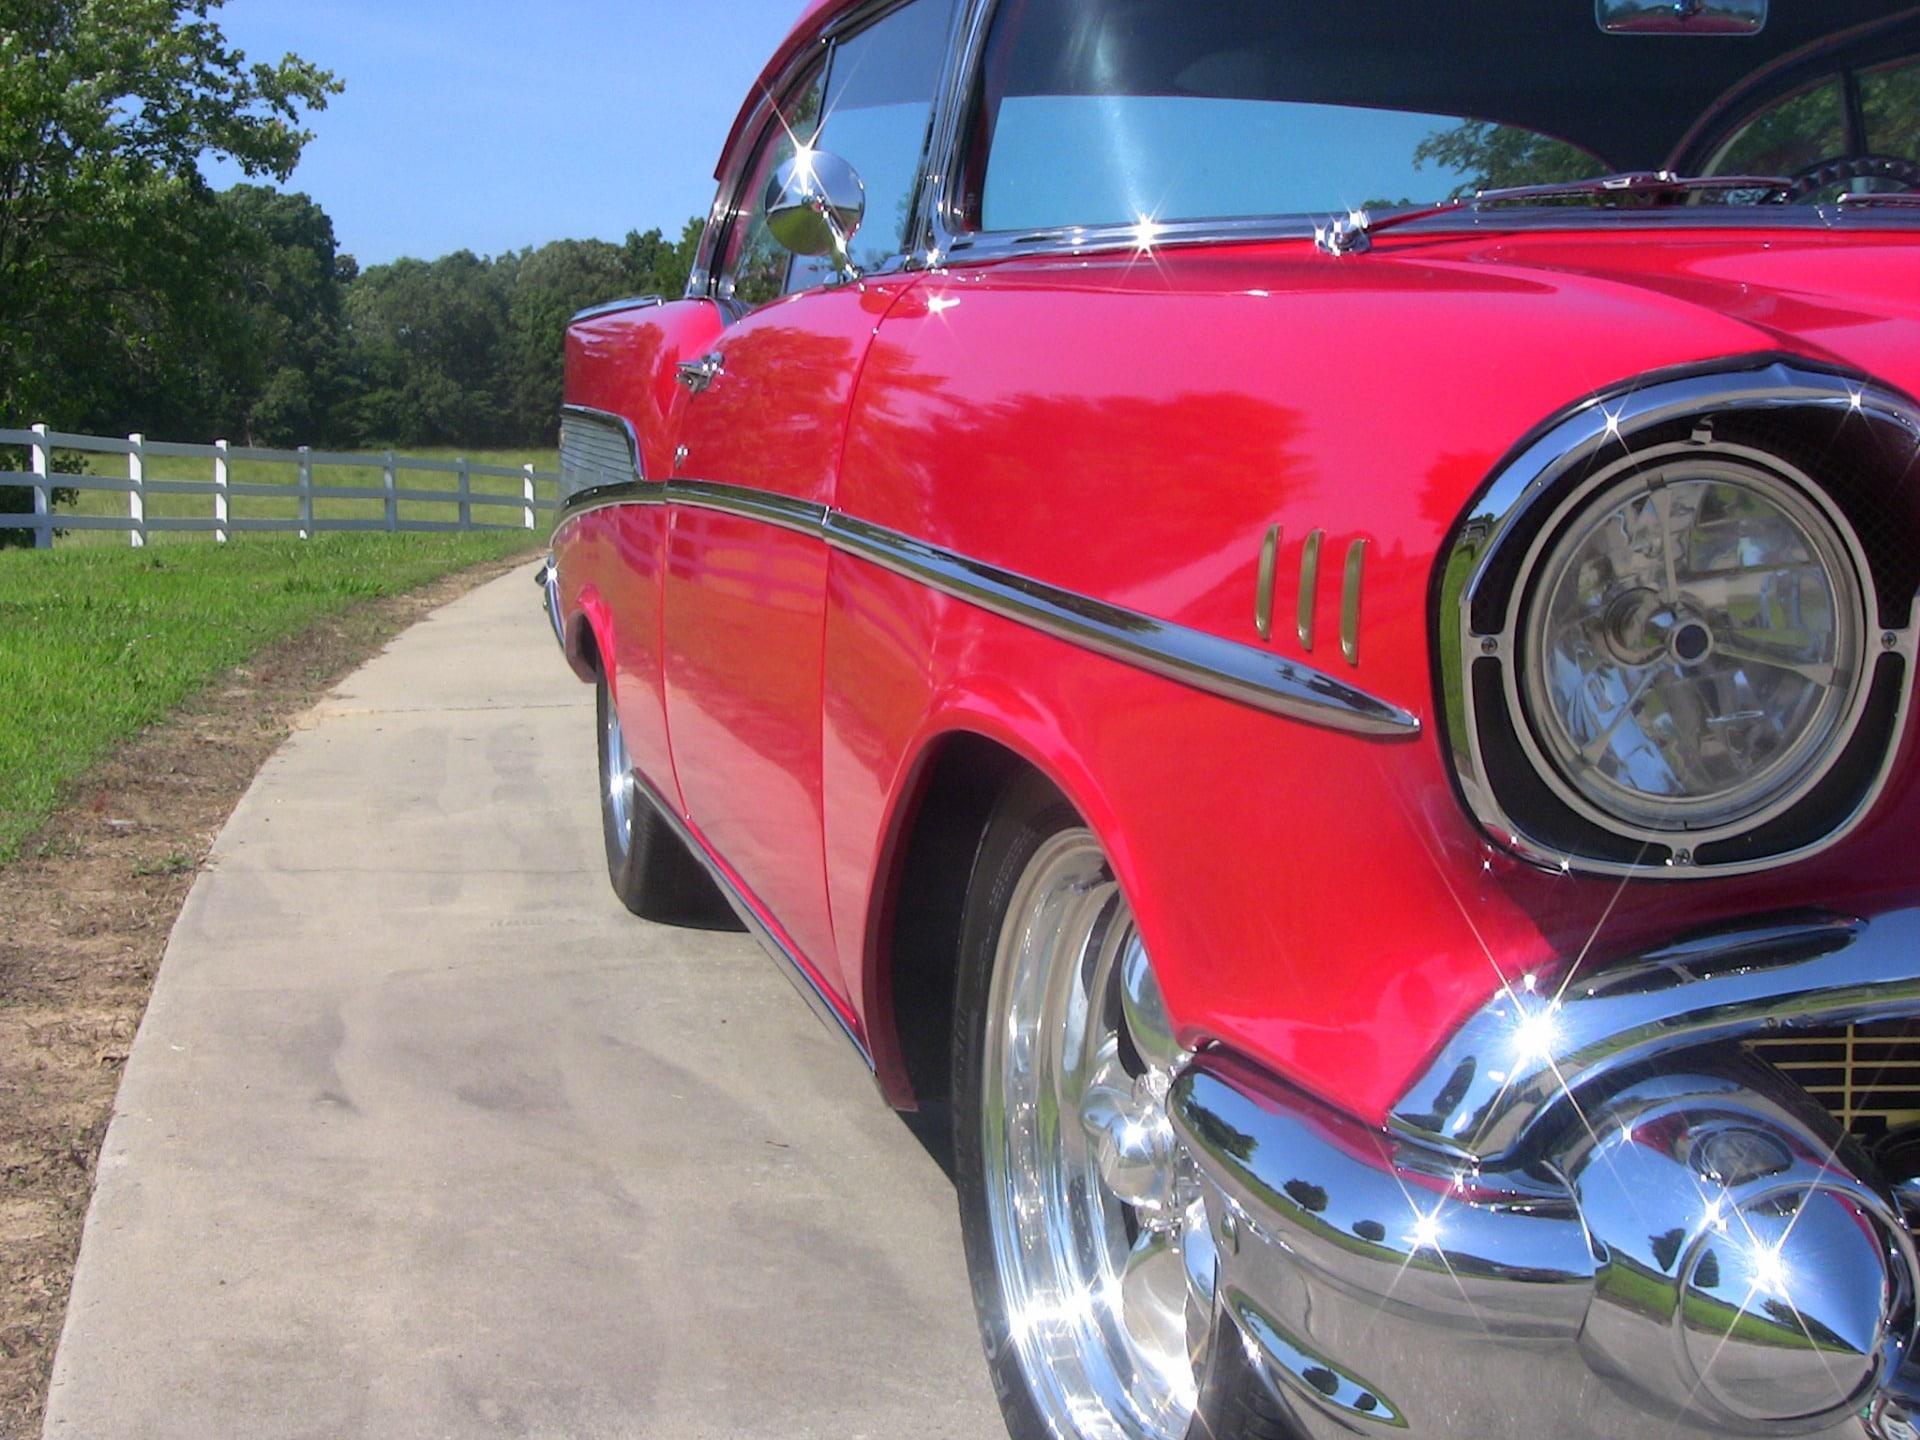 Used-1957-Chevrolet-Bel-Air (3)